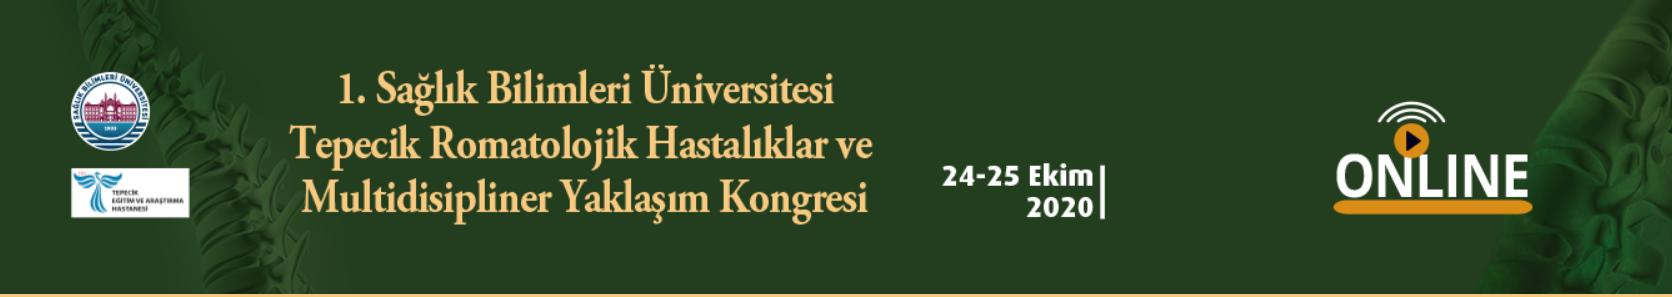 (VIRTUAL) 1.Sağlık Bilimleri Üniversitesi Tepecik Romatolojik Hastalıklar ve Multidisipliner Yaklaşım